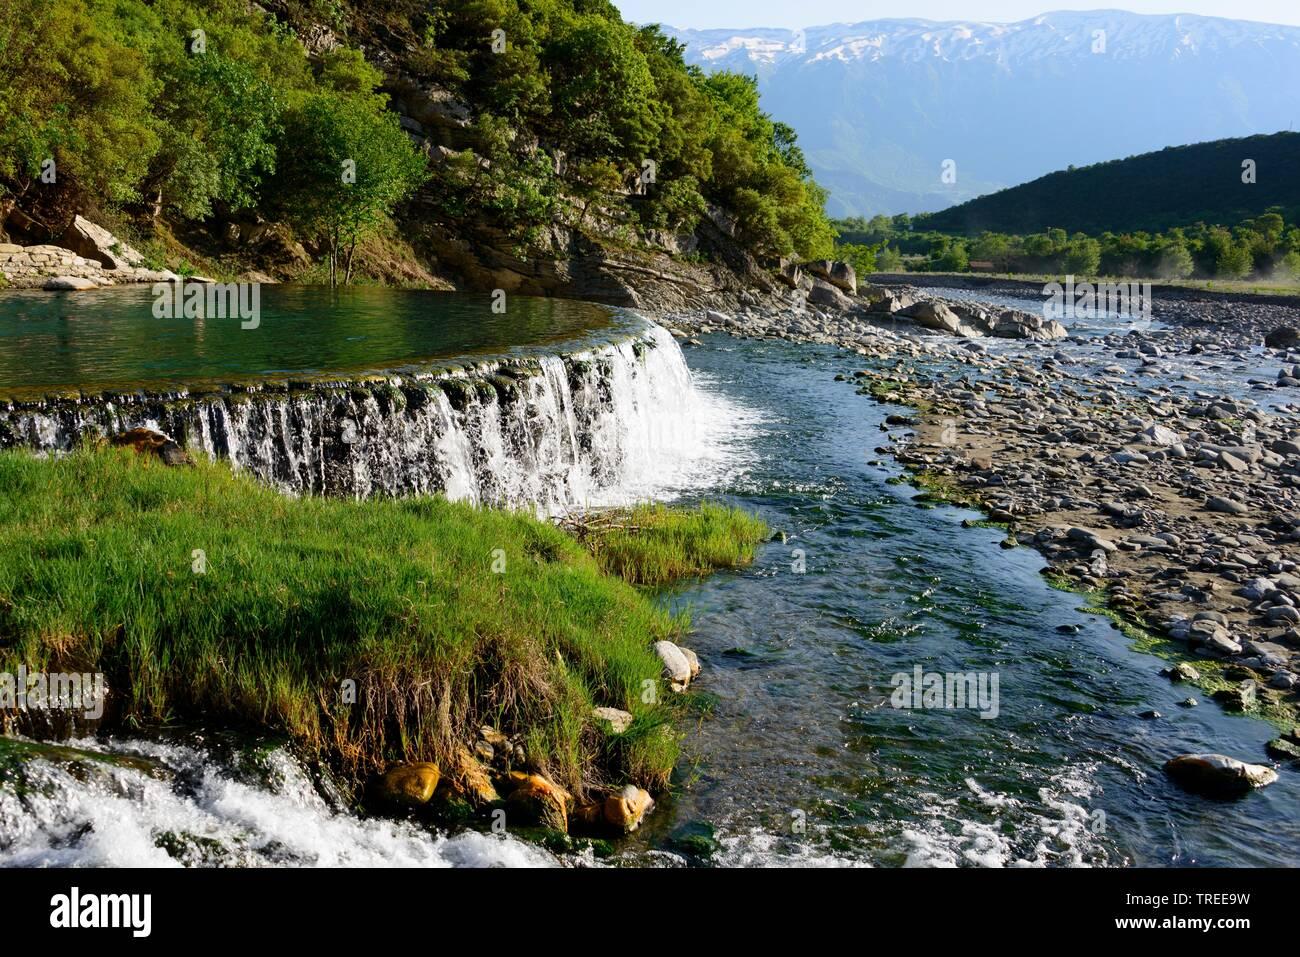 schwefelhaltige warme Thermalquelle am Fluss Lengarica, Albanien, Benjamin Constant | sulphurous warm thermal spring at the river Lengarica, Albania, - Stock Image